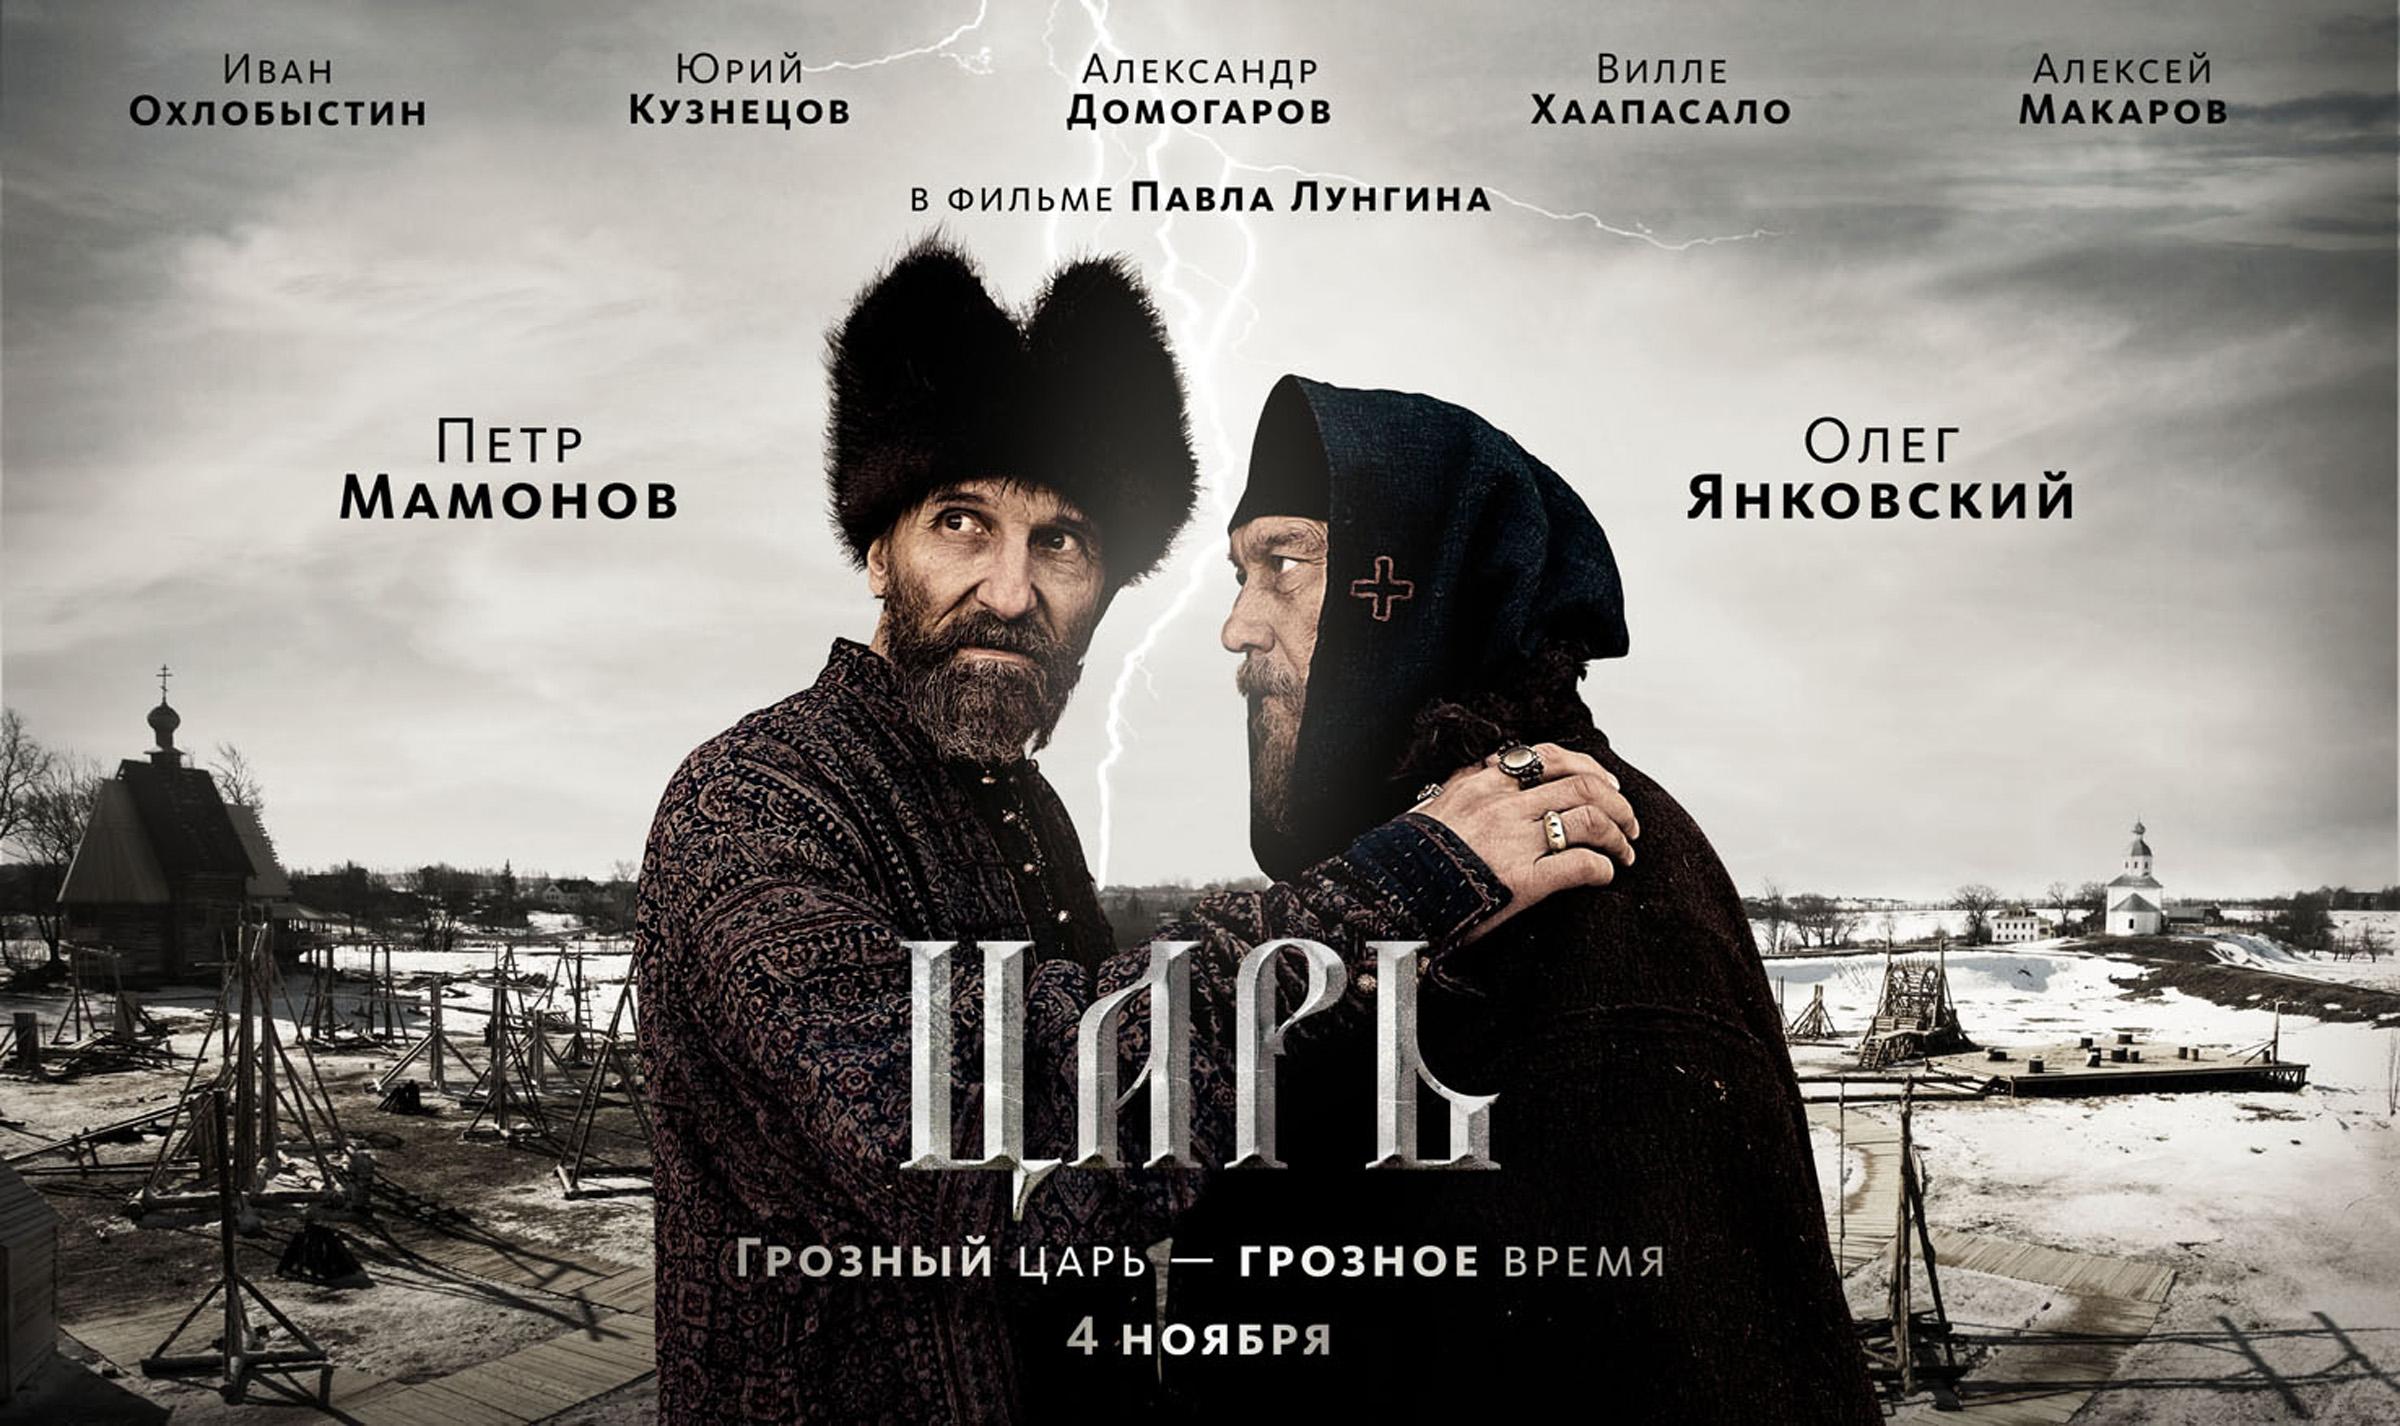 Смотреть фильм Царь онлайн в хорошем качестве бесплатно